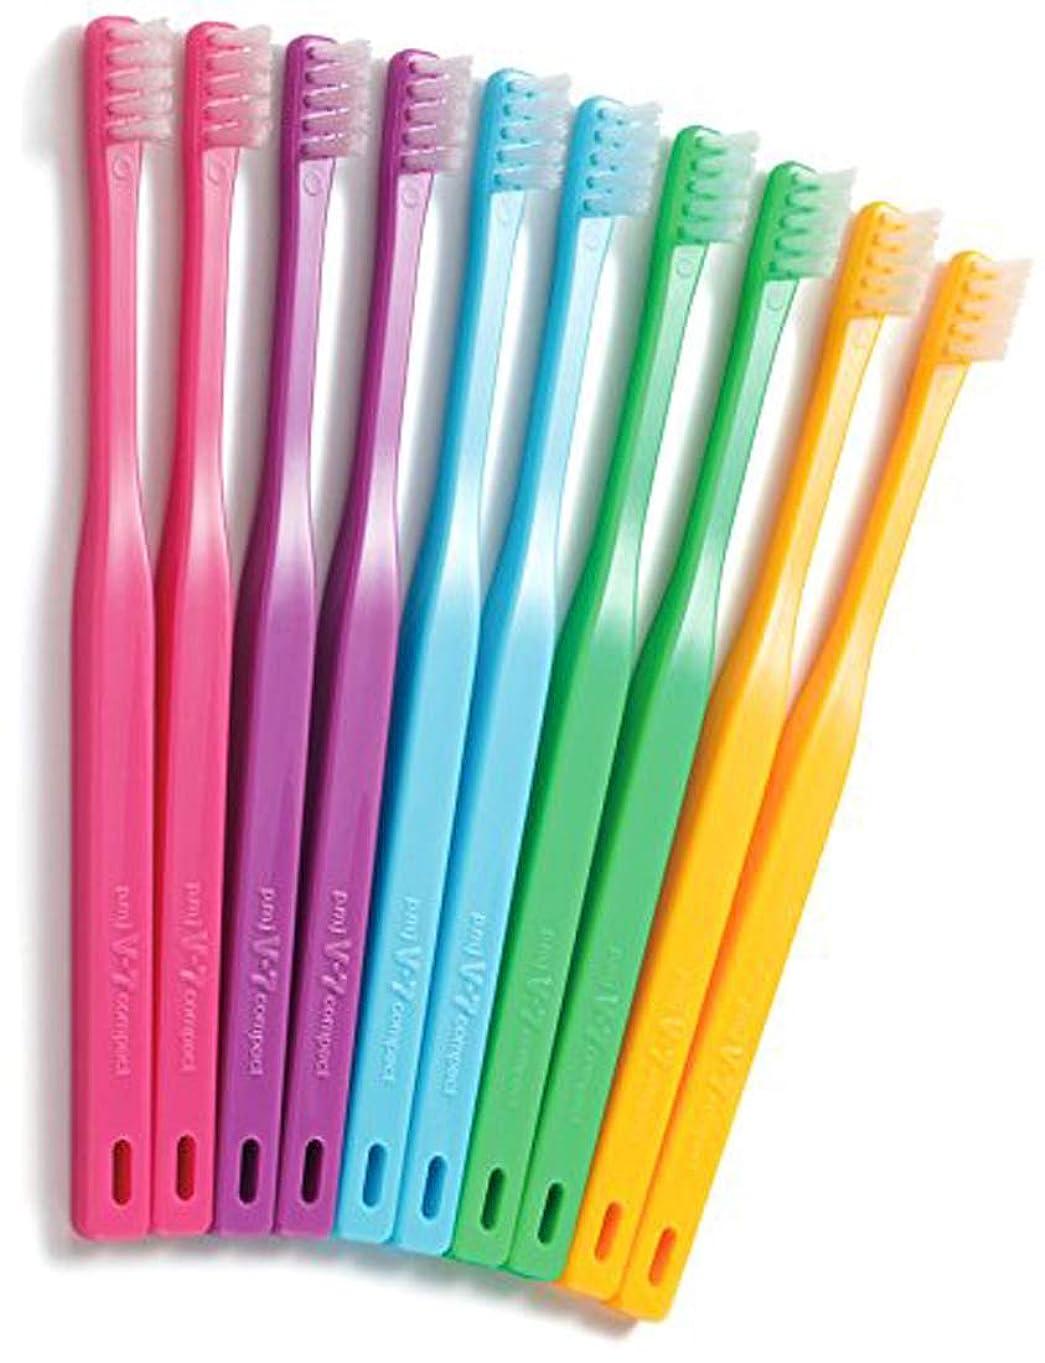 カメ紛争付き添い人つまようじ法歯ブラシ V-7 コンパクトヘッド ビビッドカラー 3本